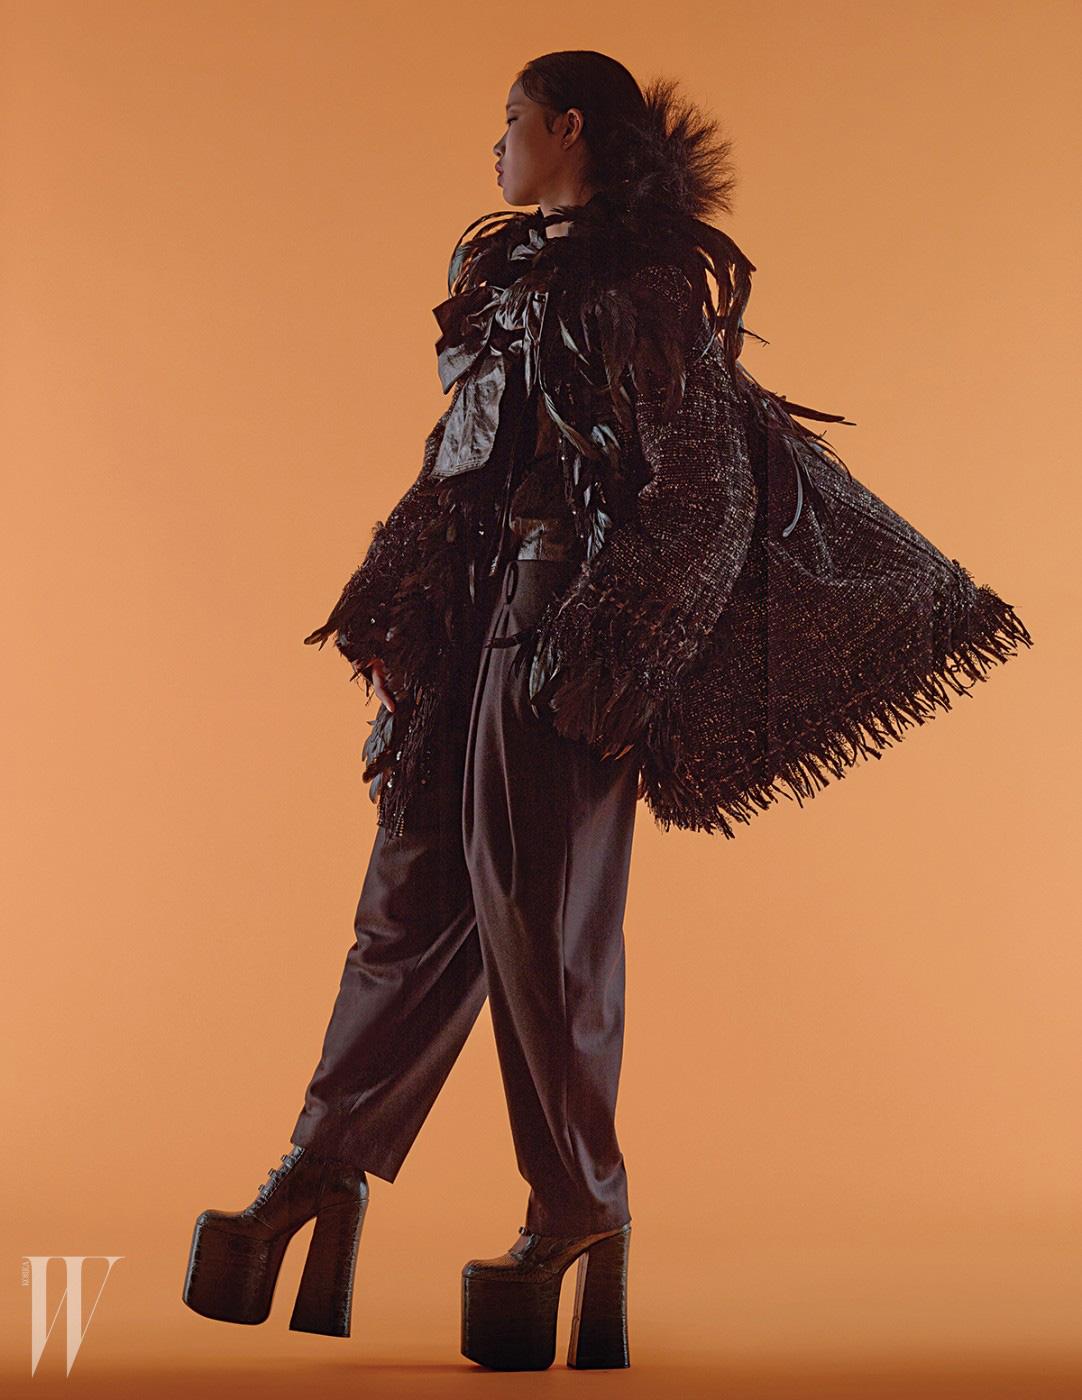 깃털 장식 트위드 재킷과 커다란 리본 장식 블라우스, 플랫폼 하이힐은 모두 마크 제이콥스 제품. 가격 미정. 통 넓은 팬츠는 준지 제품. 68만원.